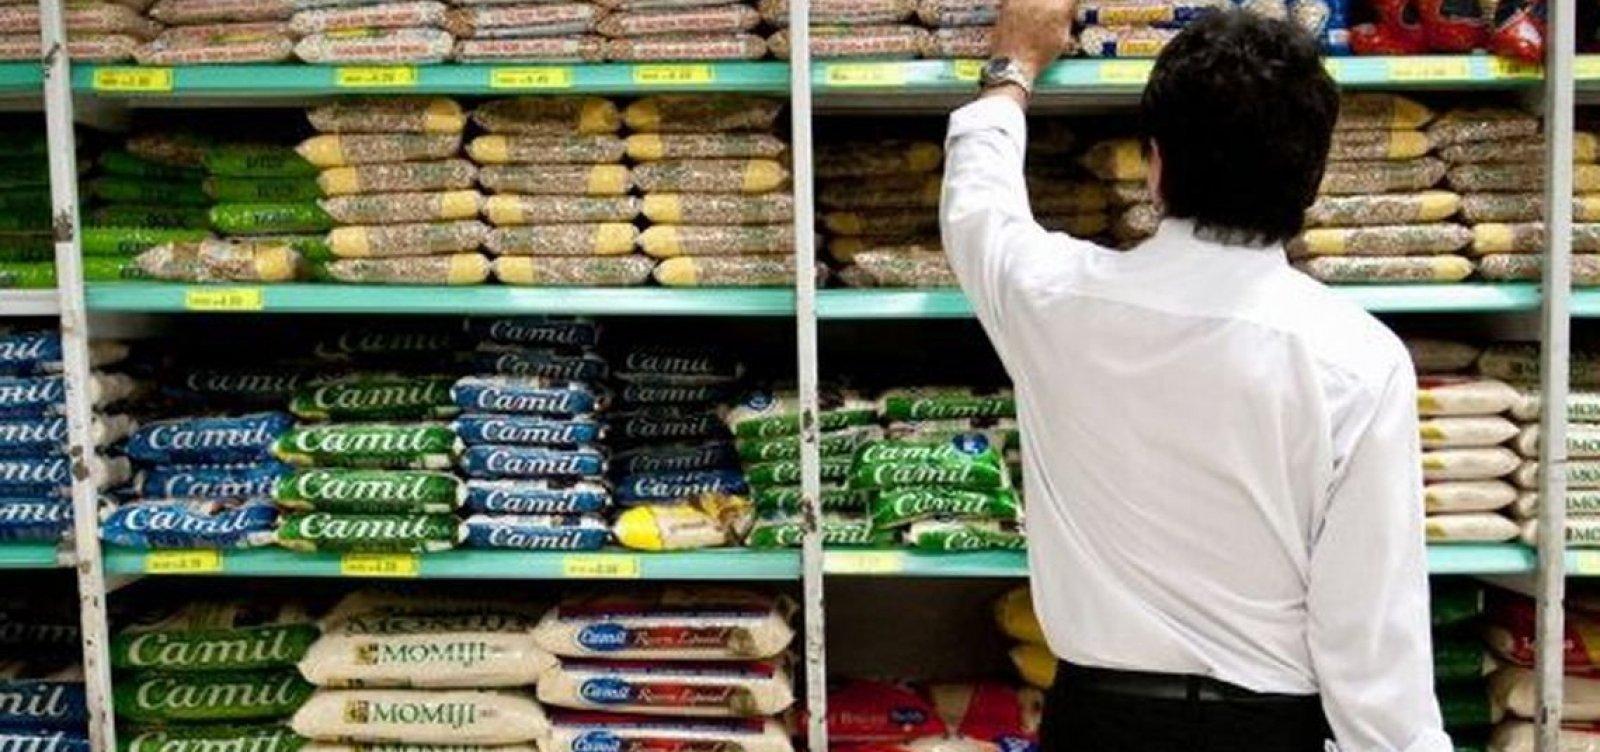 Governo quer abolir isenção de taxas da cesta básicae compensar mais pobres